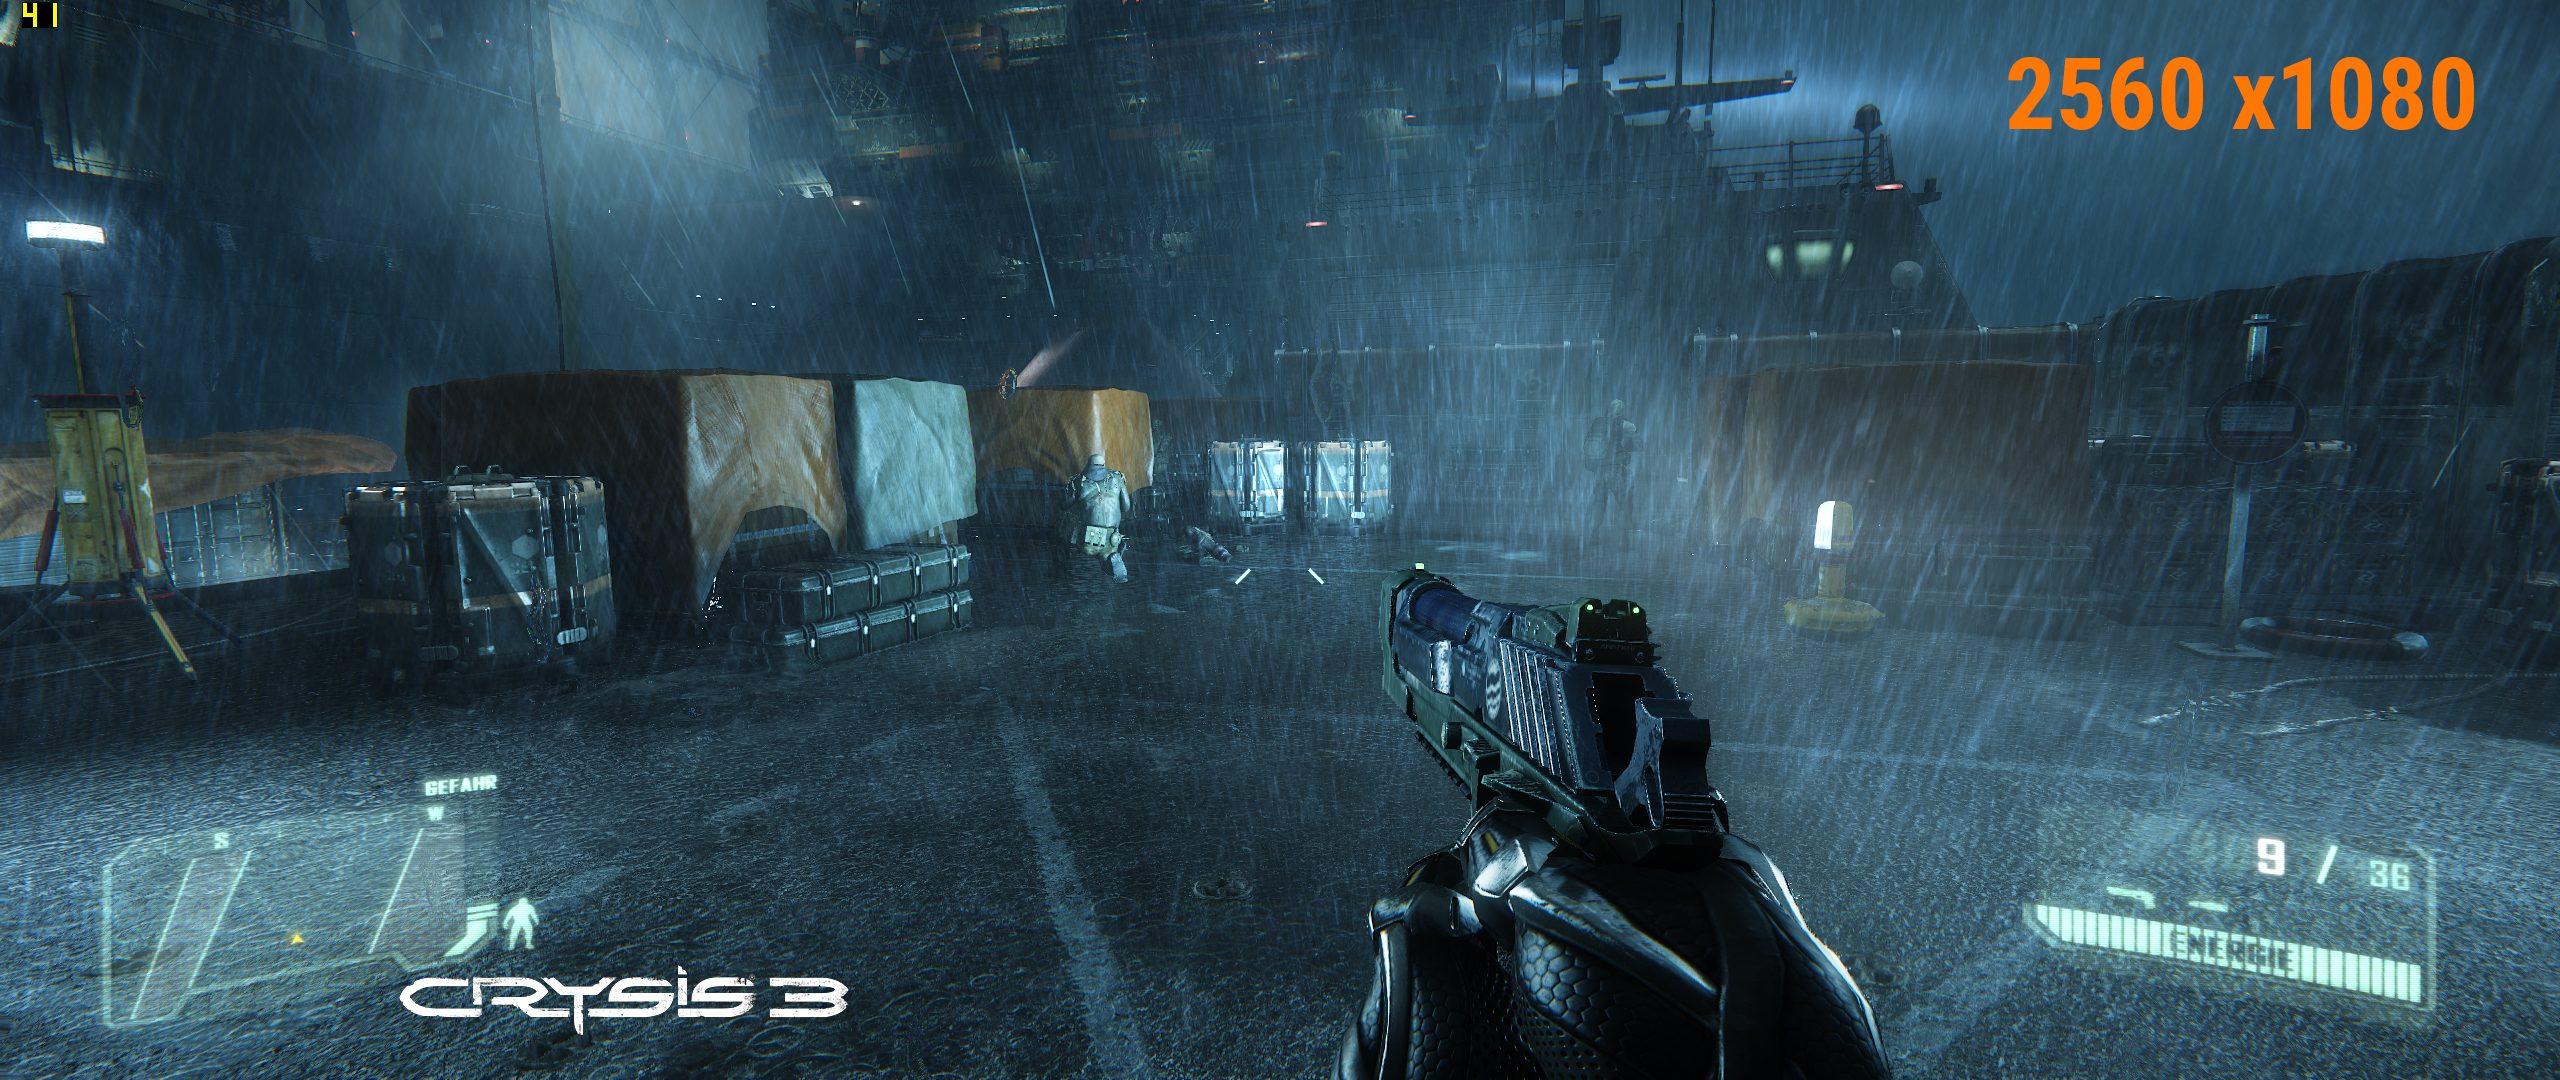 HP OMEN 17-w202ng_Games-Monitor_6